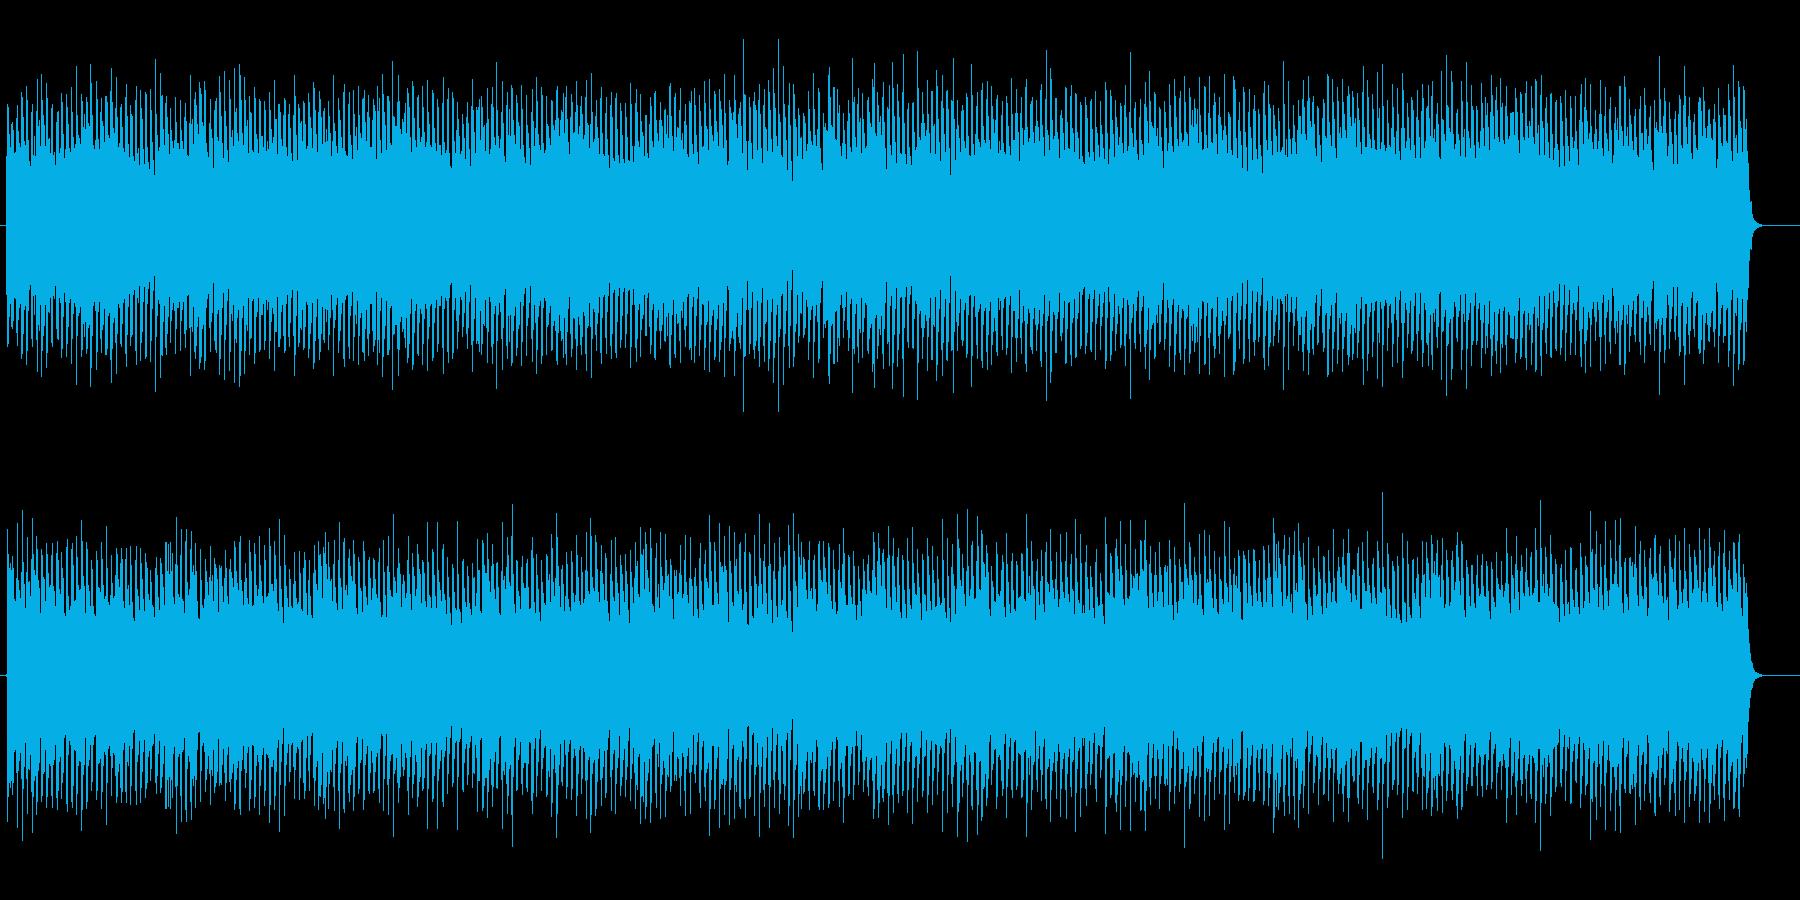 ストリングスによる壮大なポップスの再生済みの波形